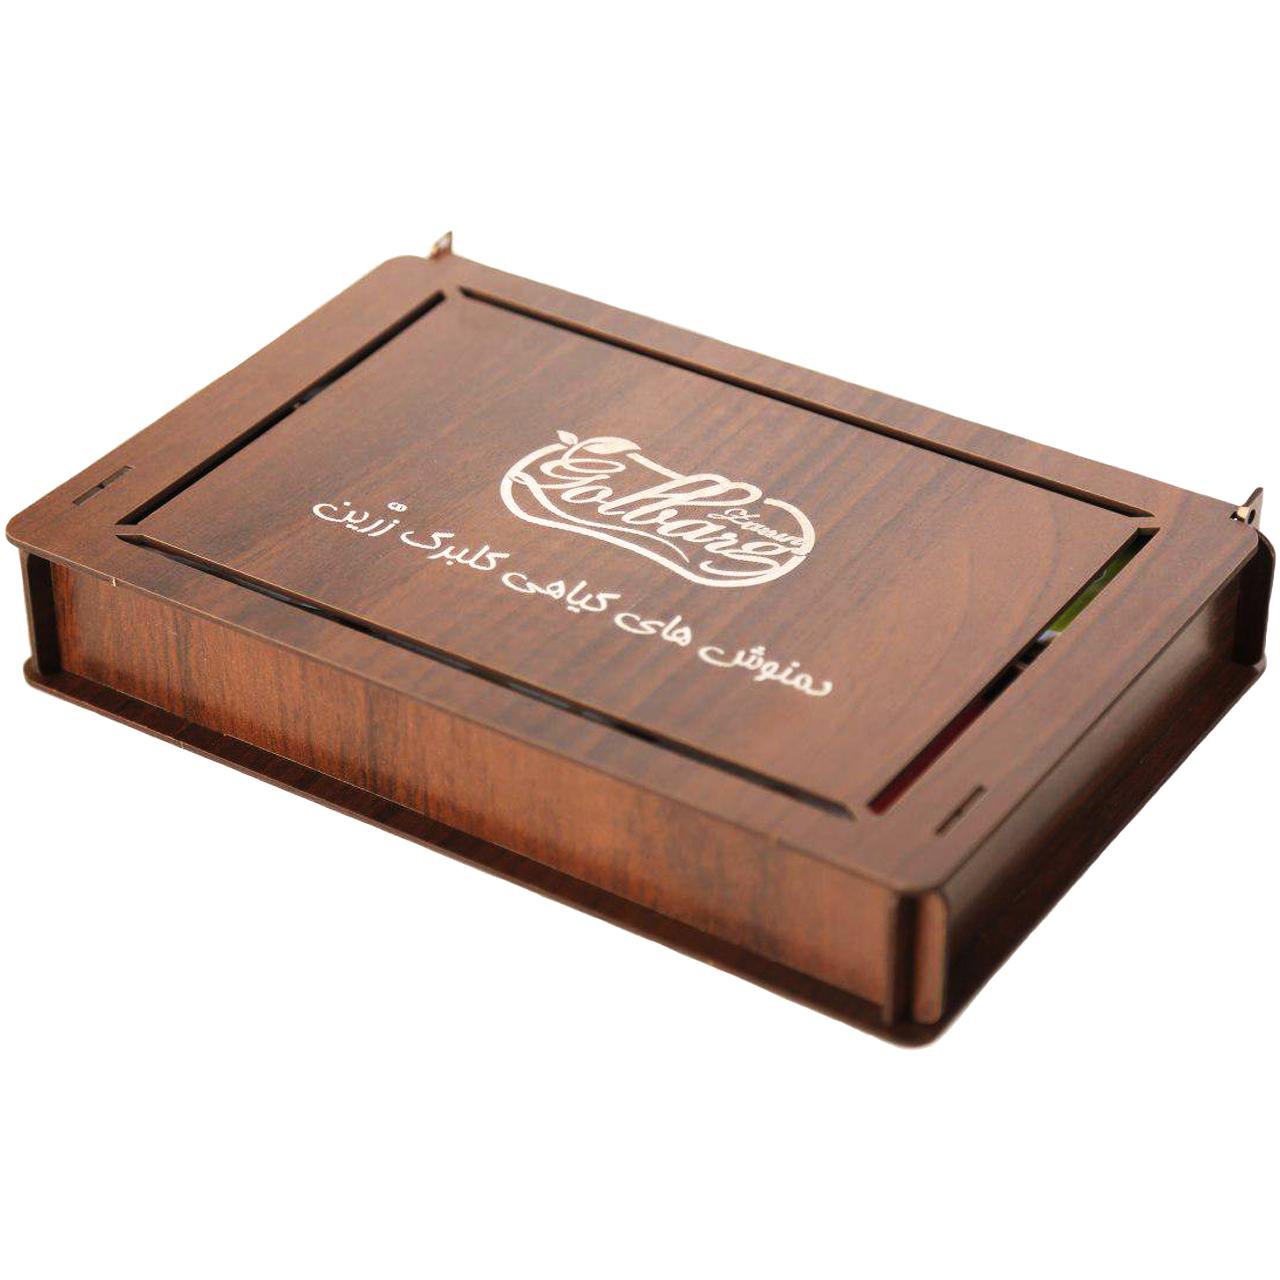 جعبه دمنوش و چای کیسه ای گلبرگ زرین مدل Classic بسته 36 عددی مناسب برای پذیرایی و هدیه